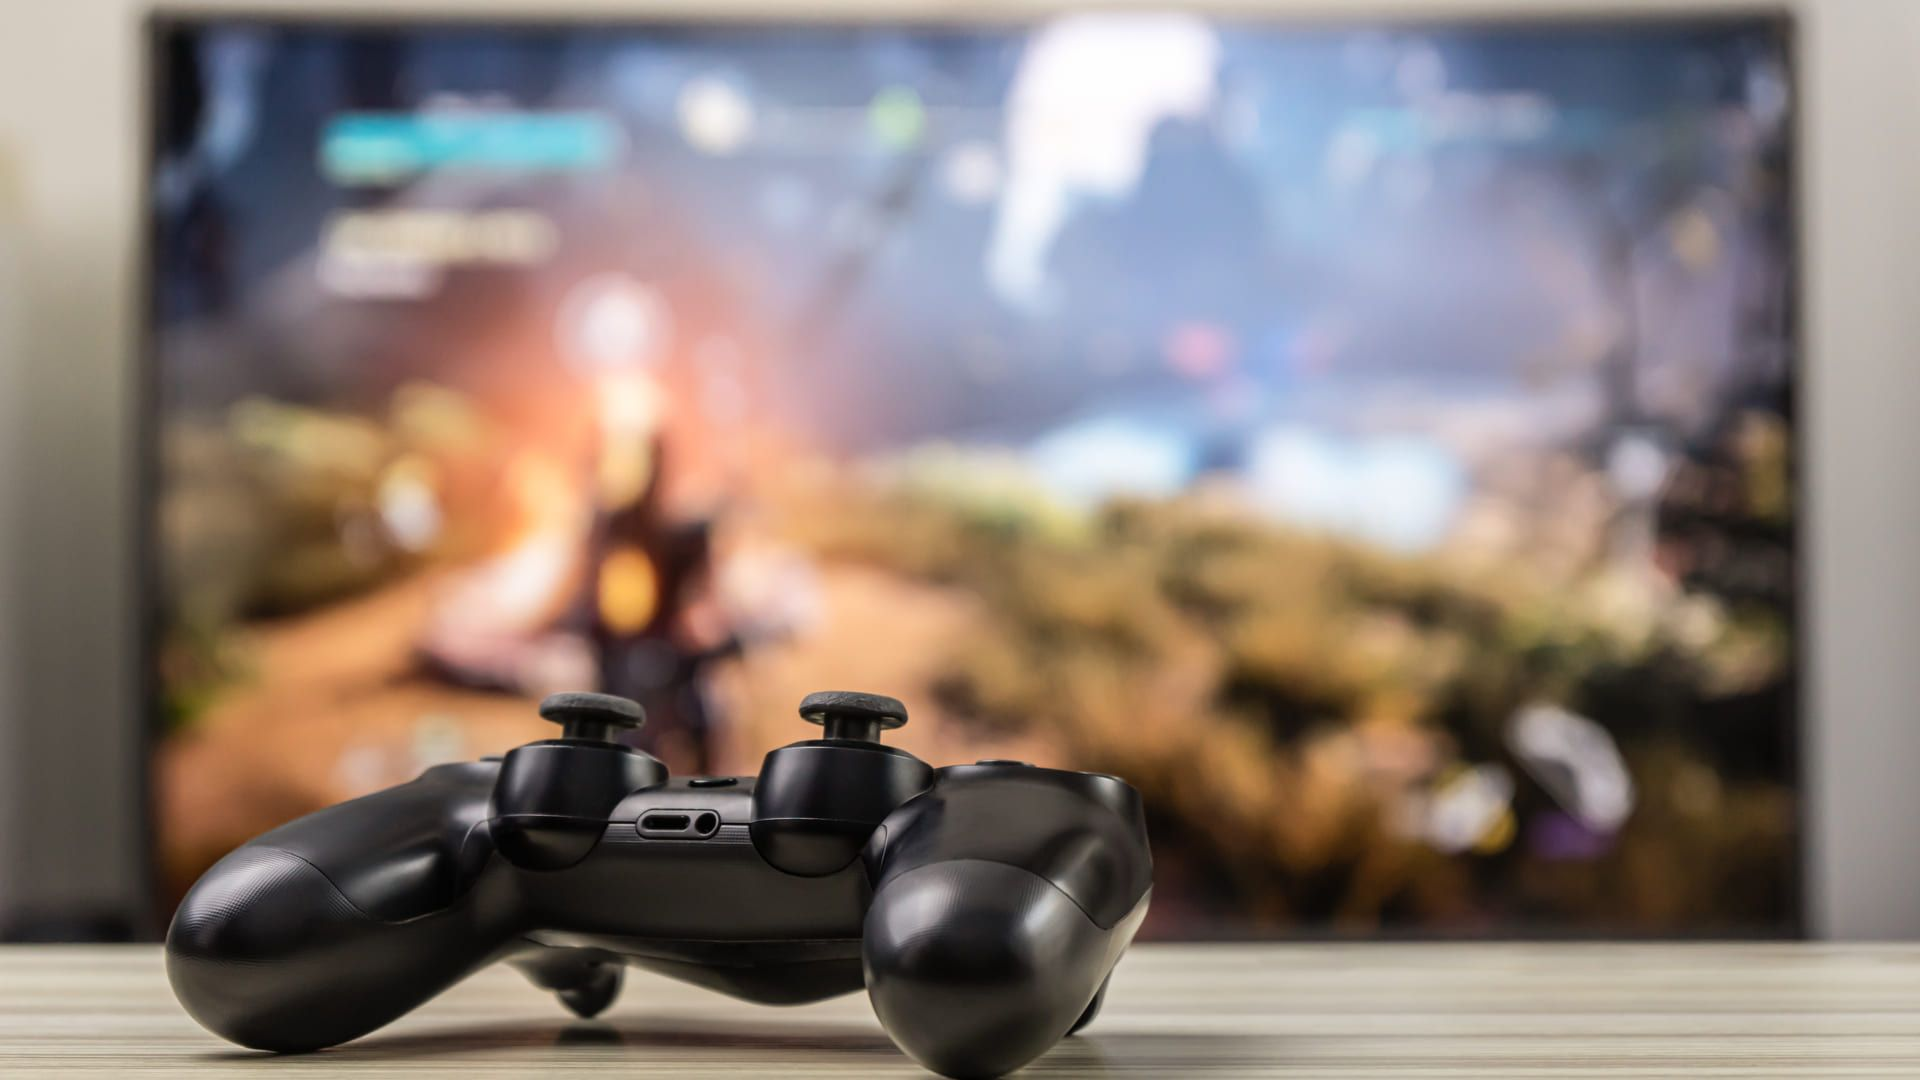 Saiba o que é a Cube TV e como assistir os streamings na sua TV! (Imagem: Reprodução/Shutterstock)